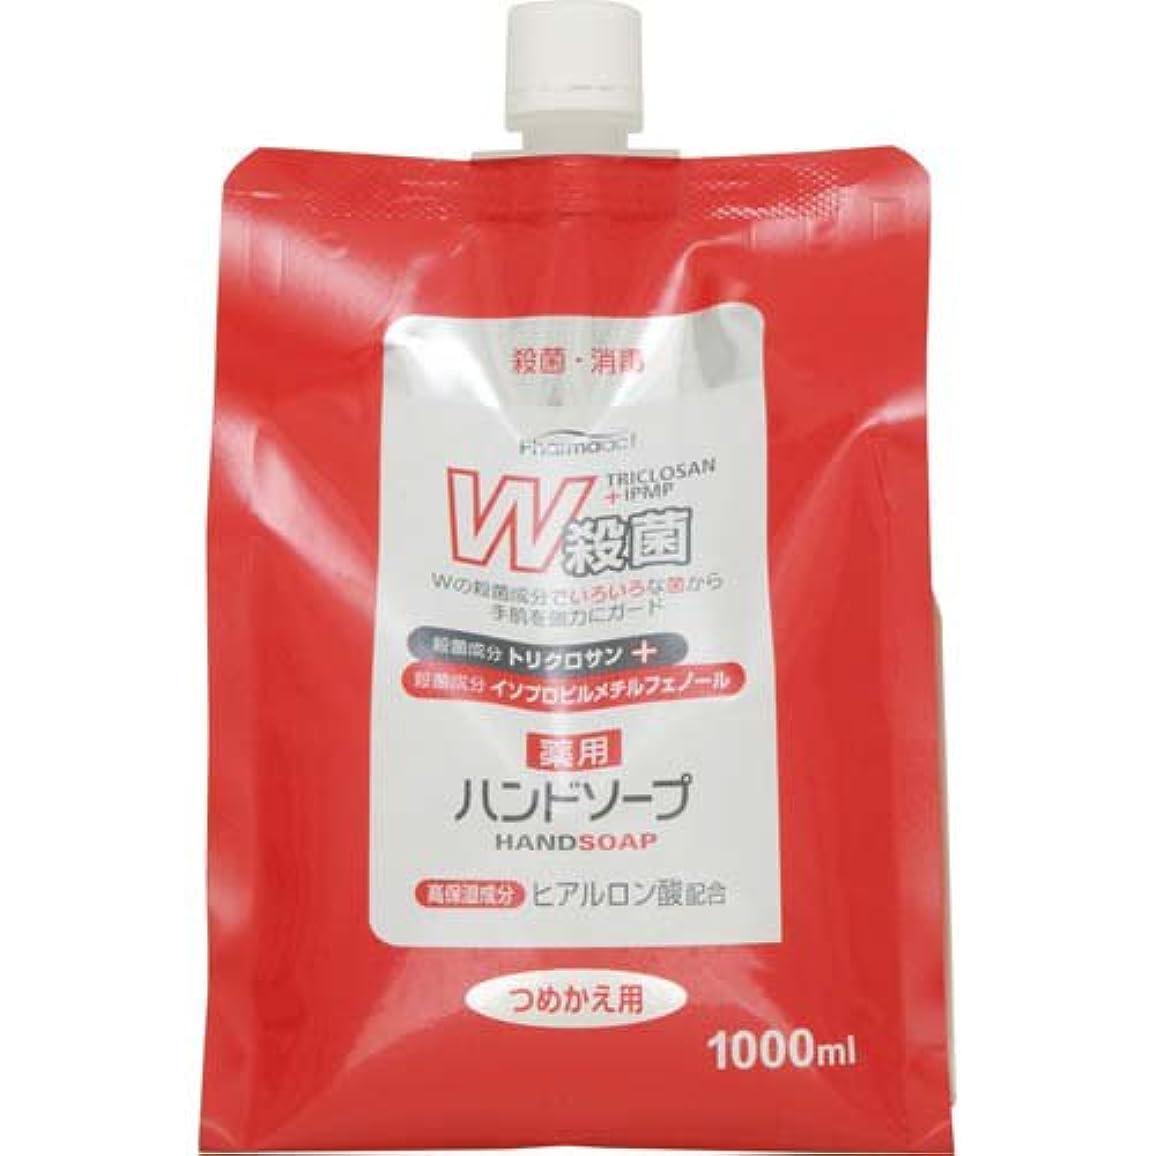 ジャンピングジャックもっと少なく複数ファーマアクト W殺菌薬用ハンドソープ スパウト付き詰替 1000ml